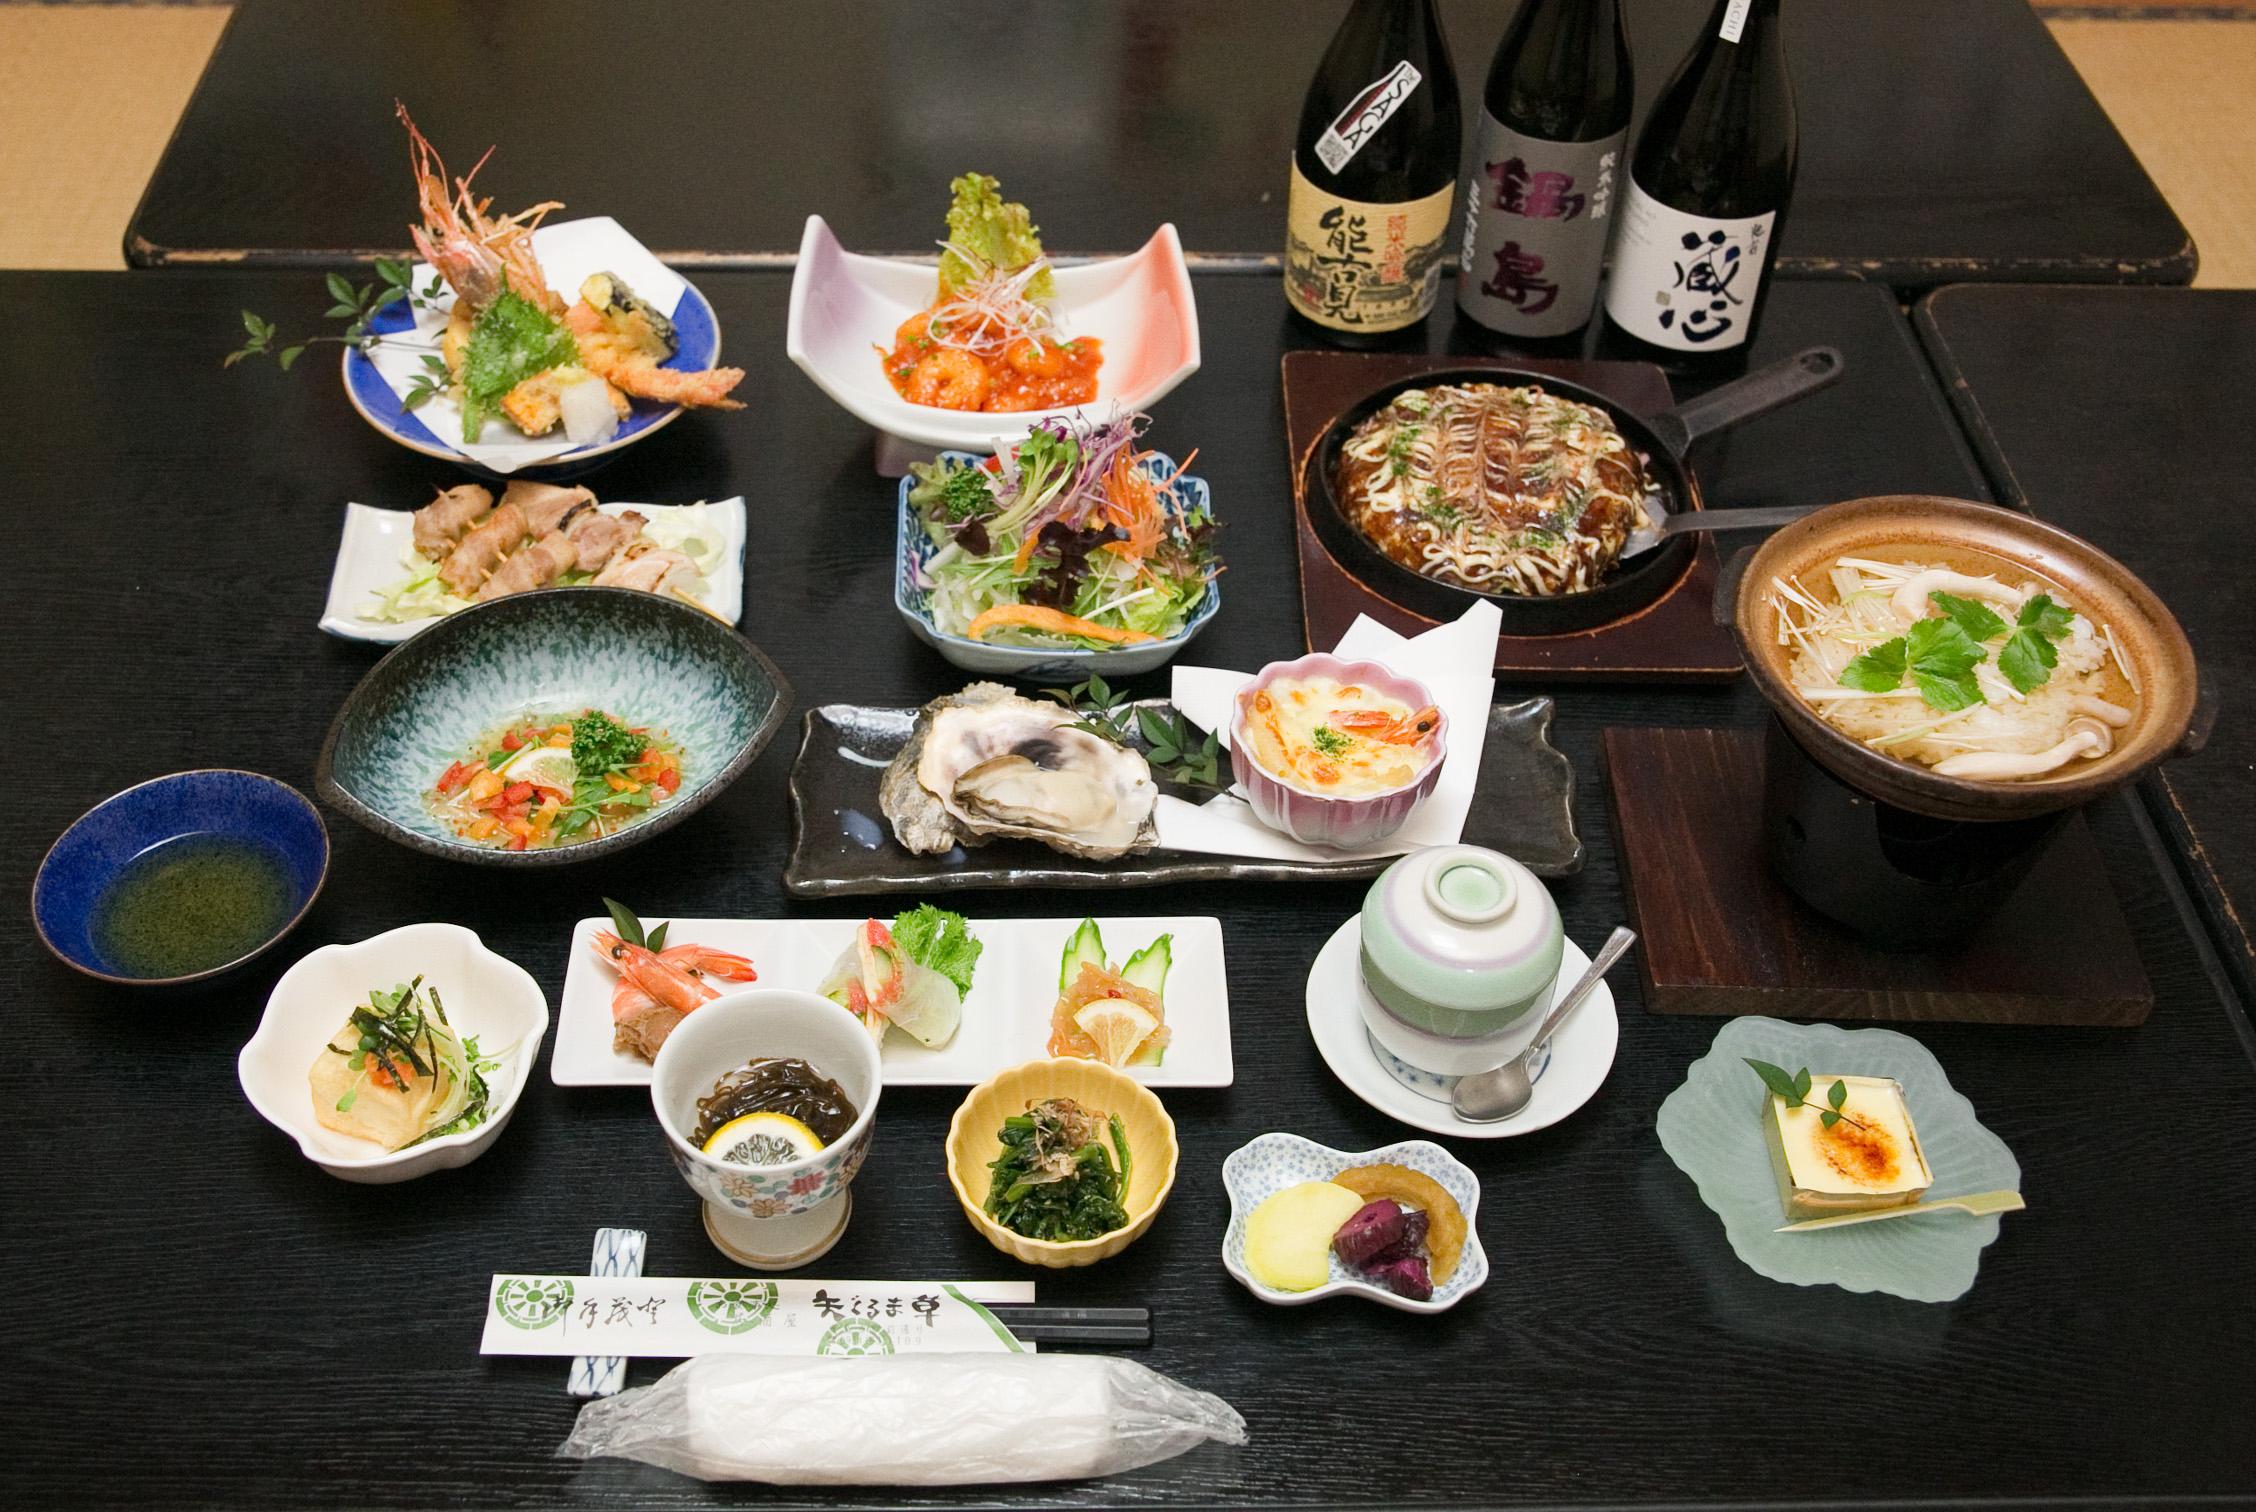 前菜、カルパッチョ、串焼、サラダ、茶碗蒸し、酢の物、鉄板焼、揚物、その日の1品、雑炊、デザート